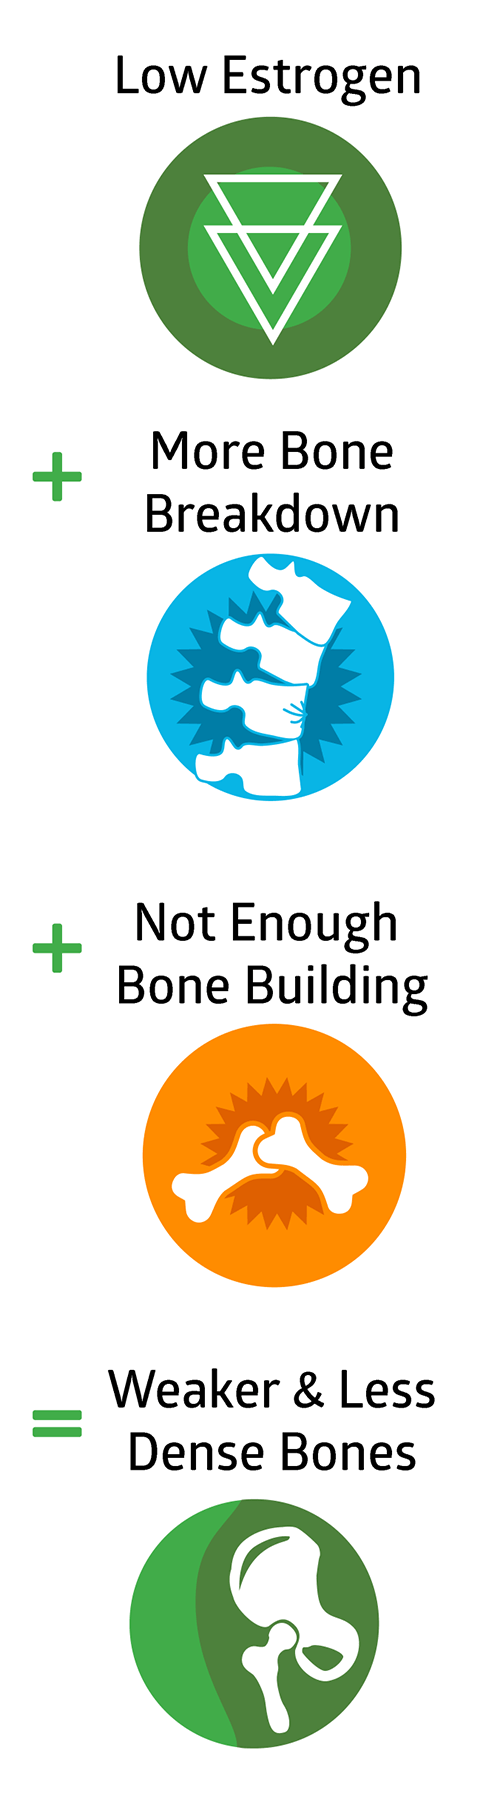 Low Estrogen + More Bone Breakdown + Not Enough Bone Building = Weaker & Less Dense Bones